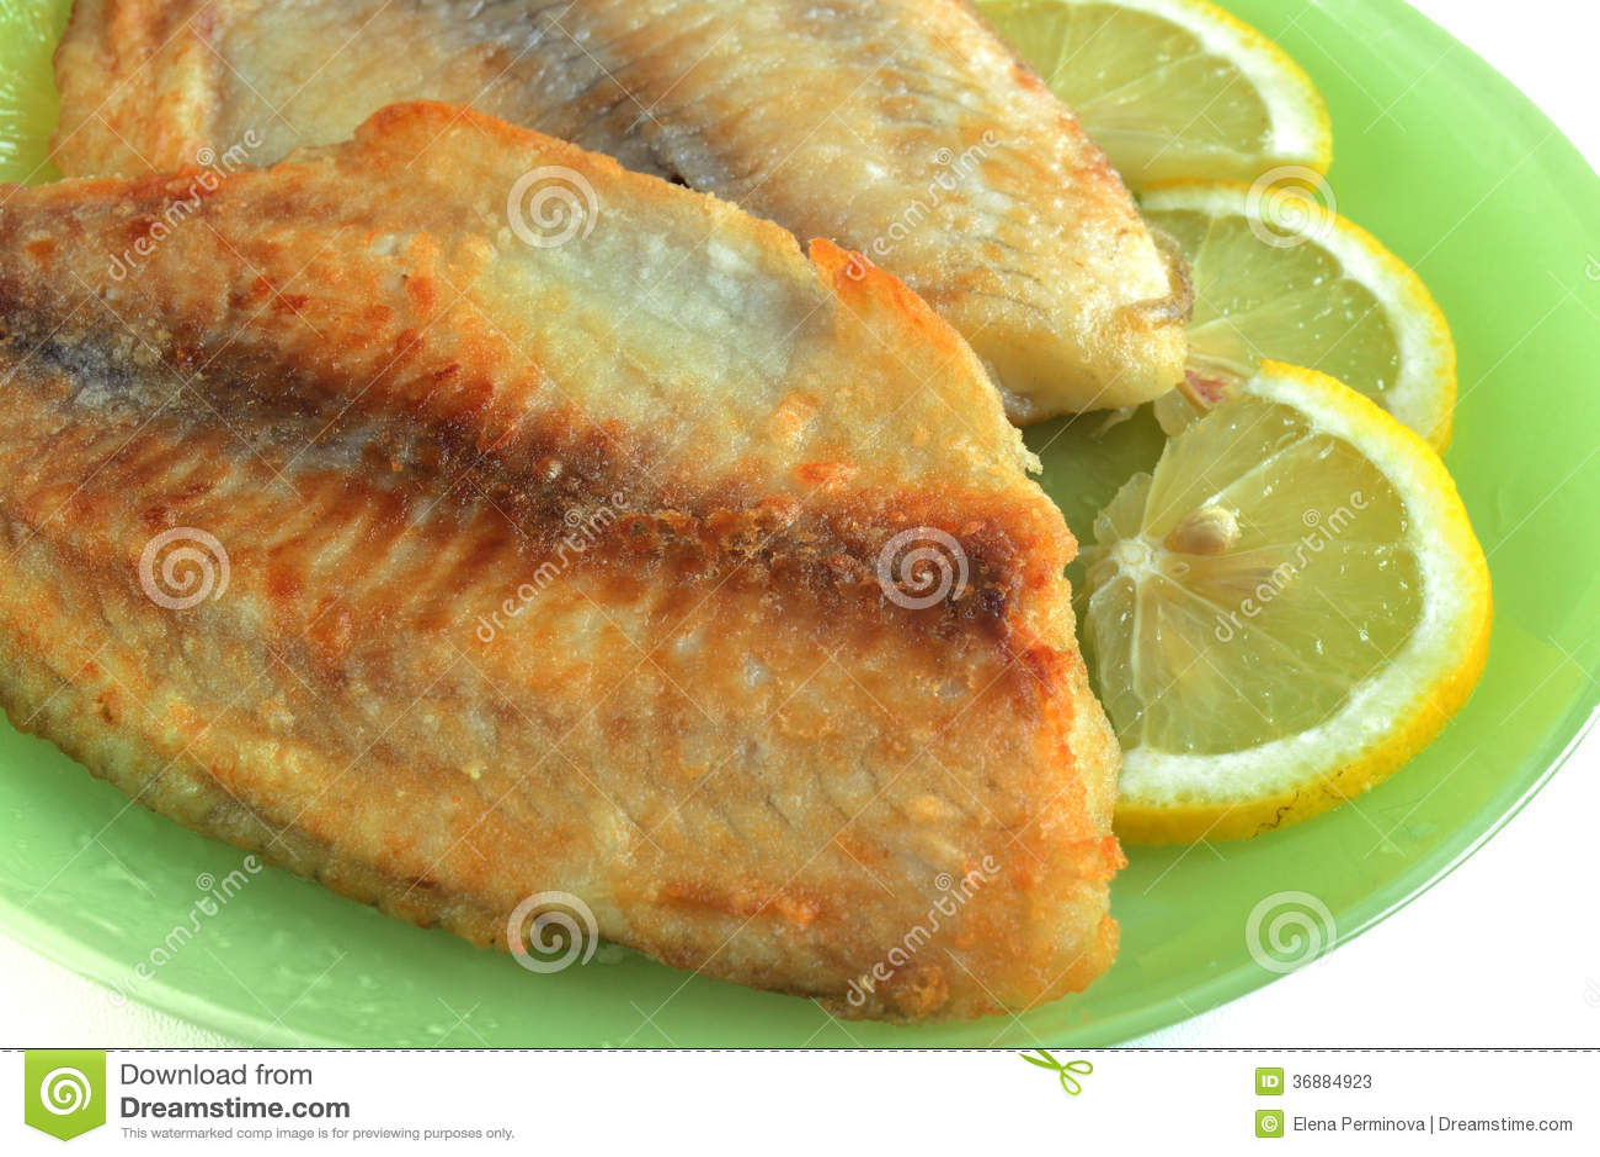 Download Pesce fritto con il limone immagine stock. Immagine di cuoco - 36884923